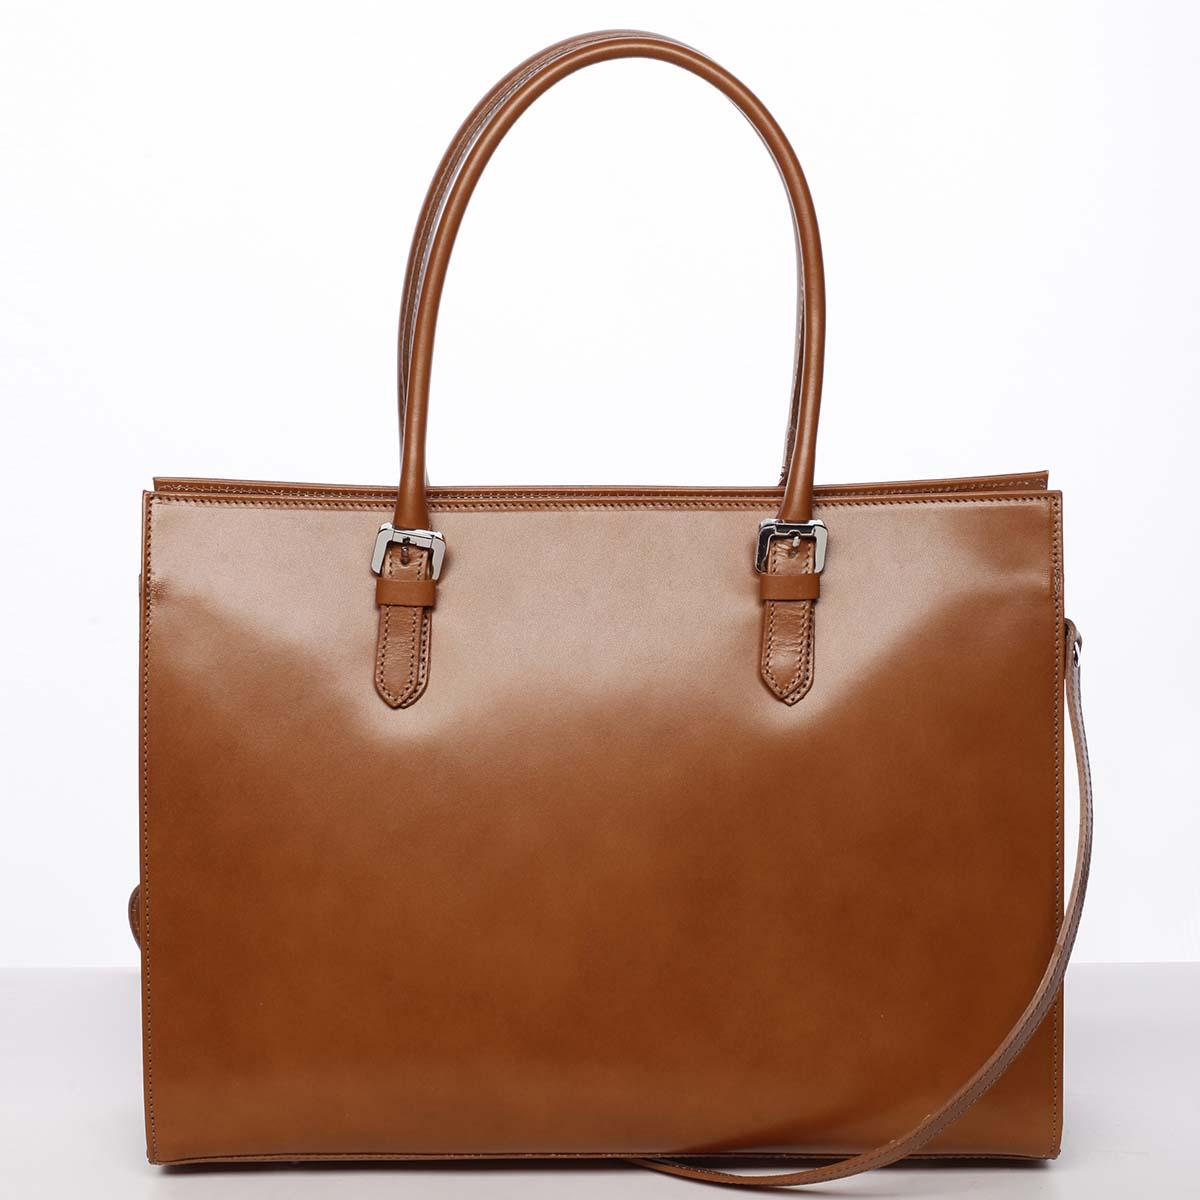 Moderní a elegantní dámská kožená kabelka koňaková - ItalY Madelia